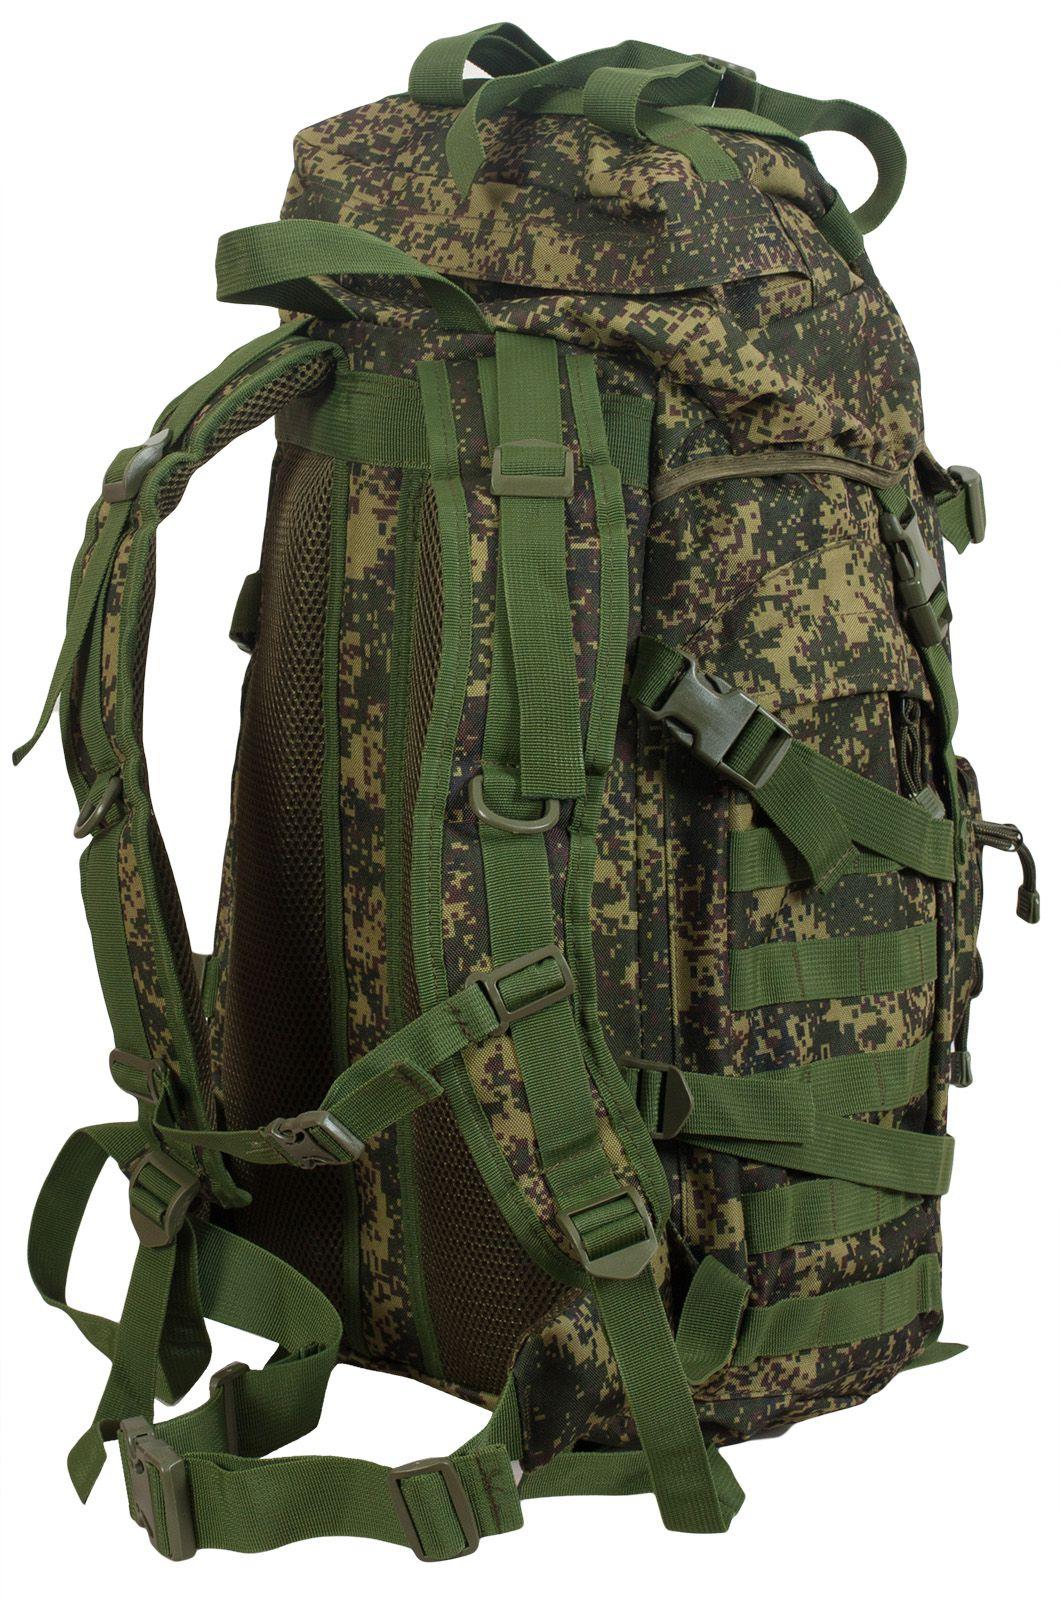 Зачетный рейдовый рюкзак с нашивкой Герб России - заказать по низкой цене